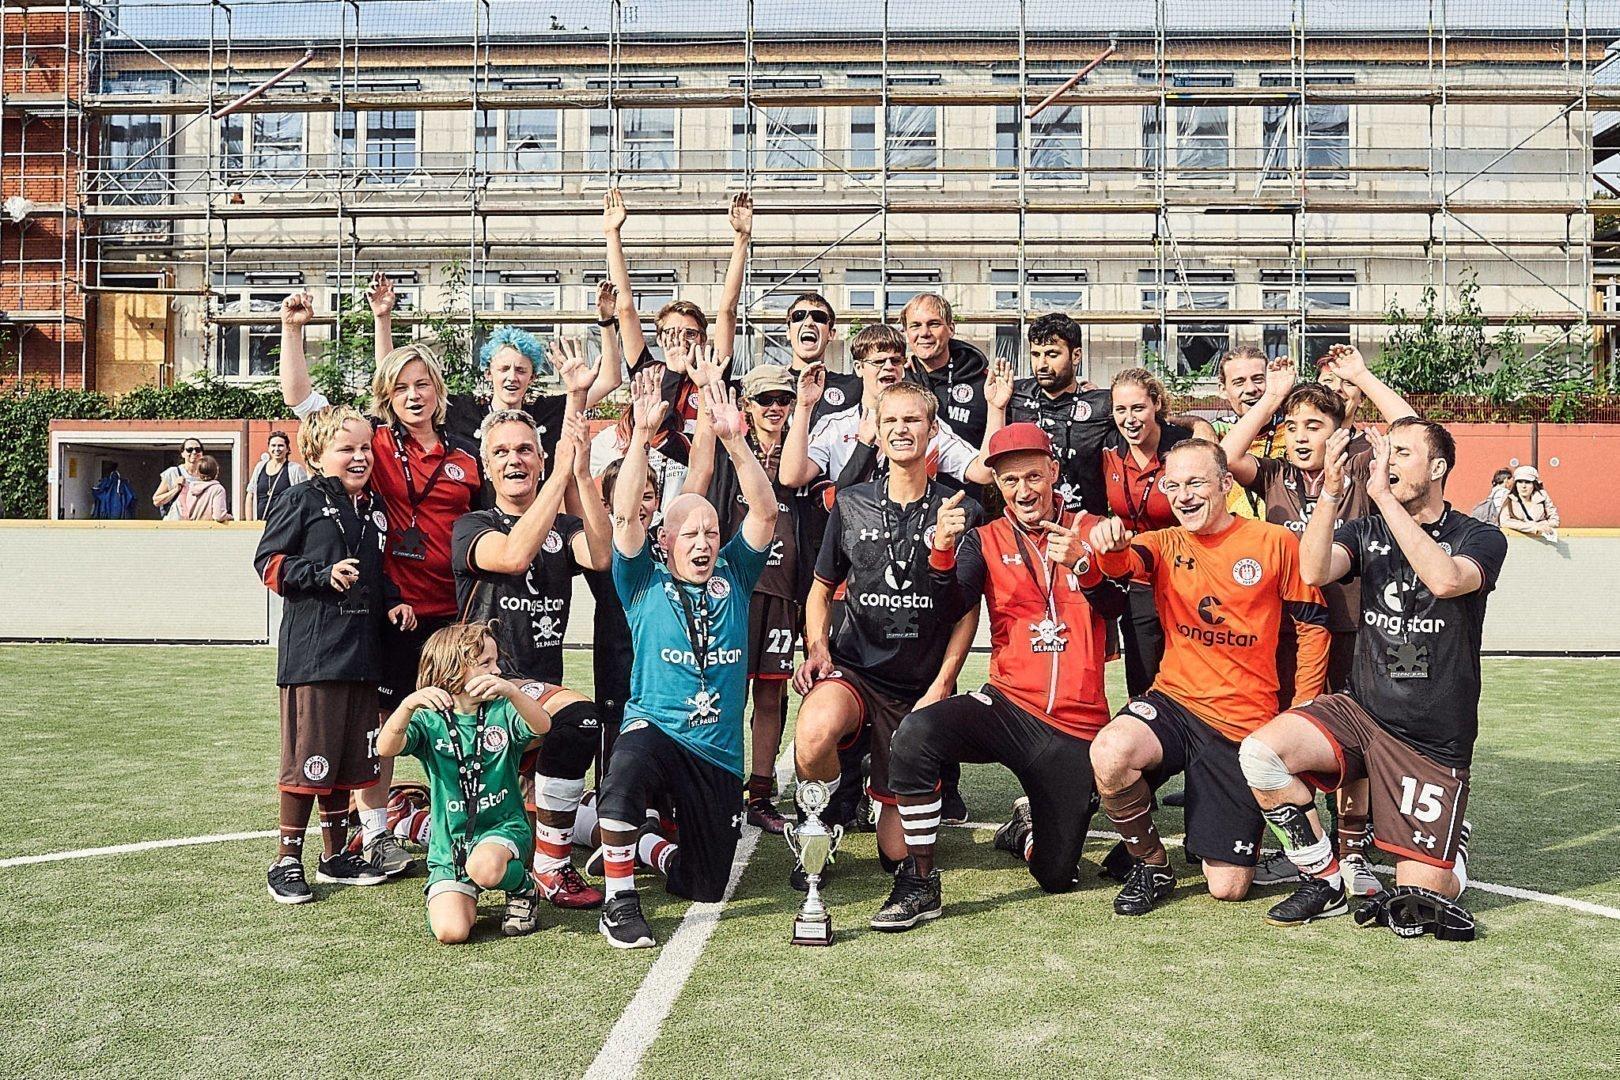 Strahlende Gesichter beim gemeinsamen Foto des Turniersiegers. Fotos: https://www.stefangroenveld.de/